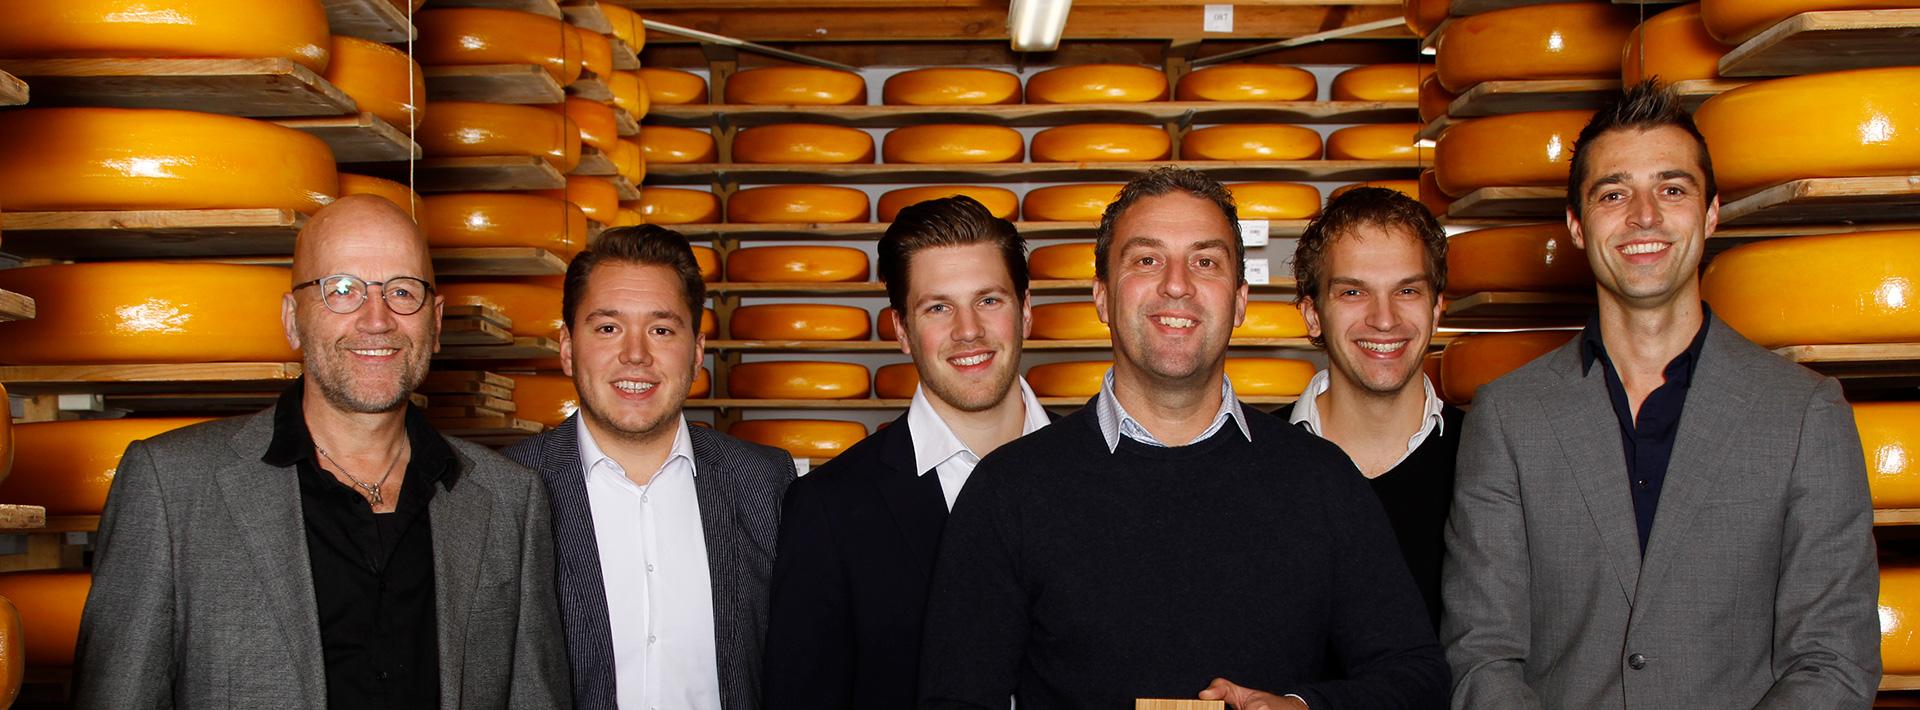 Zijerveld nummer 1 buitendienst in categorie zuivel, kaas en geelvetten